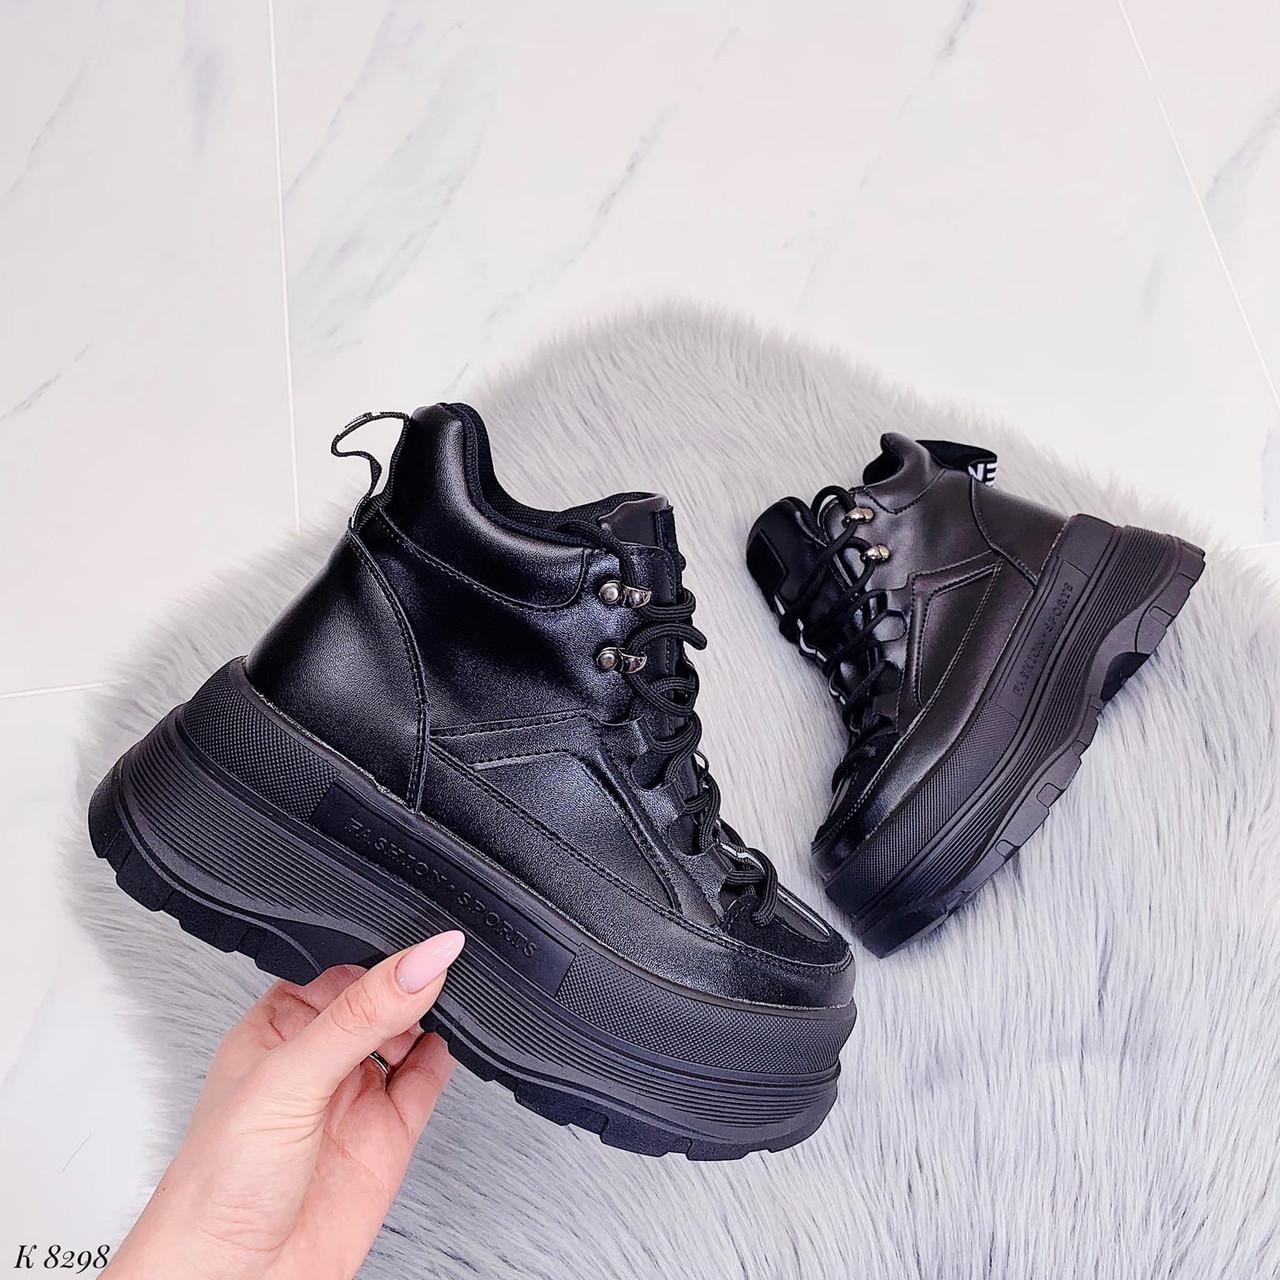 23 см Ботинки женские деми черные на толстой подошве платформе демисезонные из искусственной кожи кожаные кожа